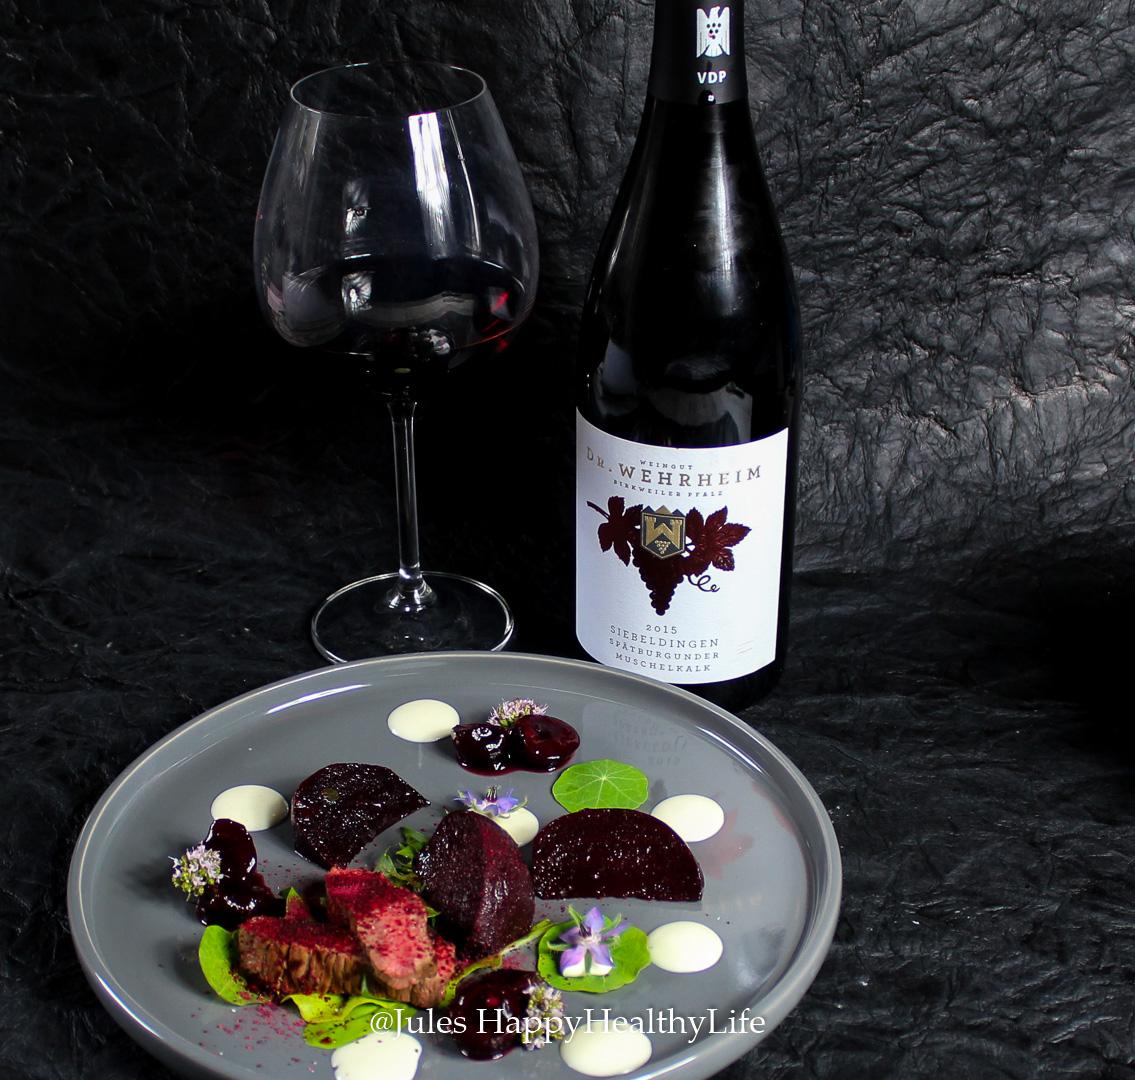 Rezept für Marinierte Rote Bete und Rotwein Kirschen, leckere Feta Creme und dazu 2015er Spätburgunder von Dr. Wehrheim